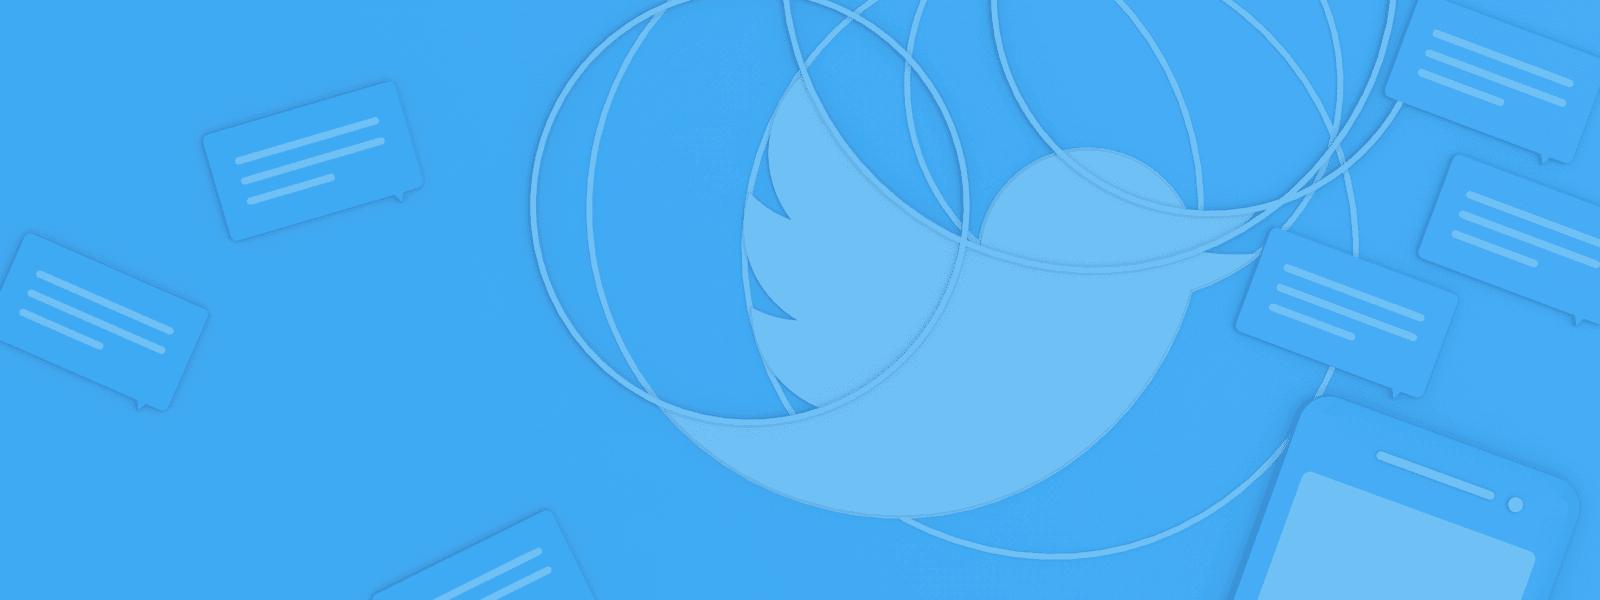 Tabletowo.pl Twitterowe zakładki już dostępne, choć na razie w wersji beta Aplikacje Nowości Social Media